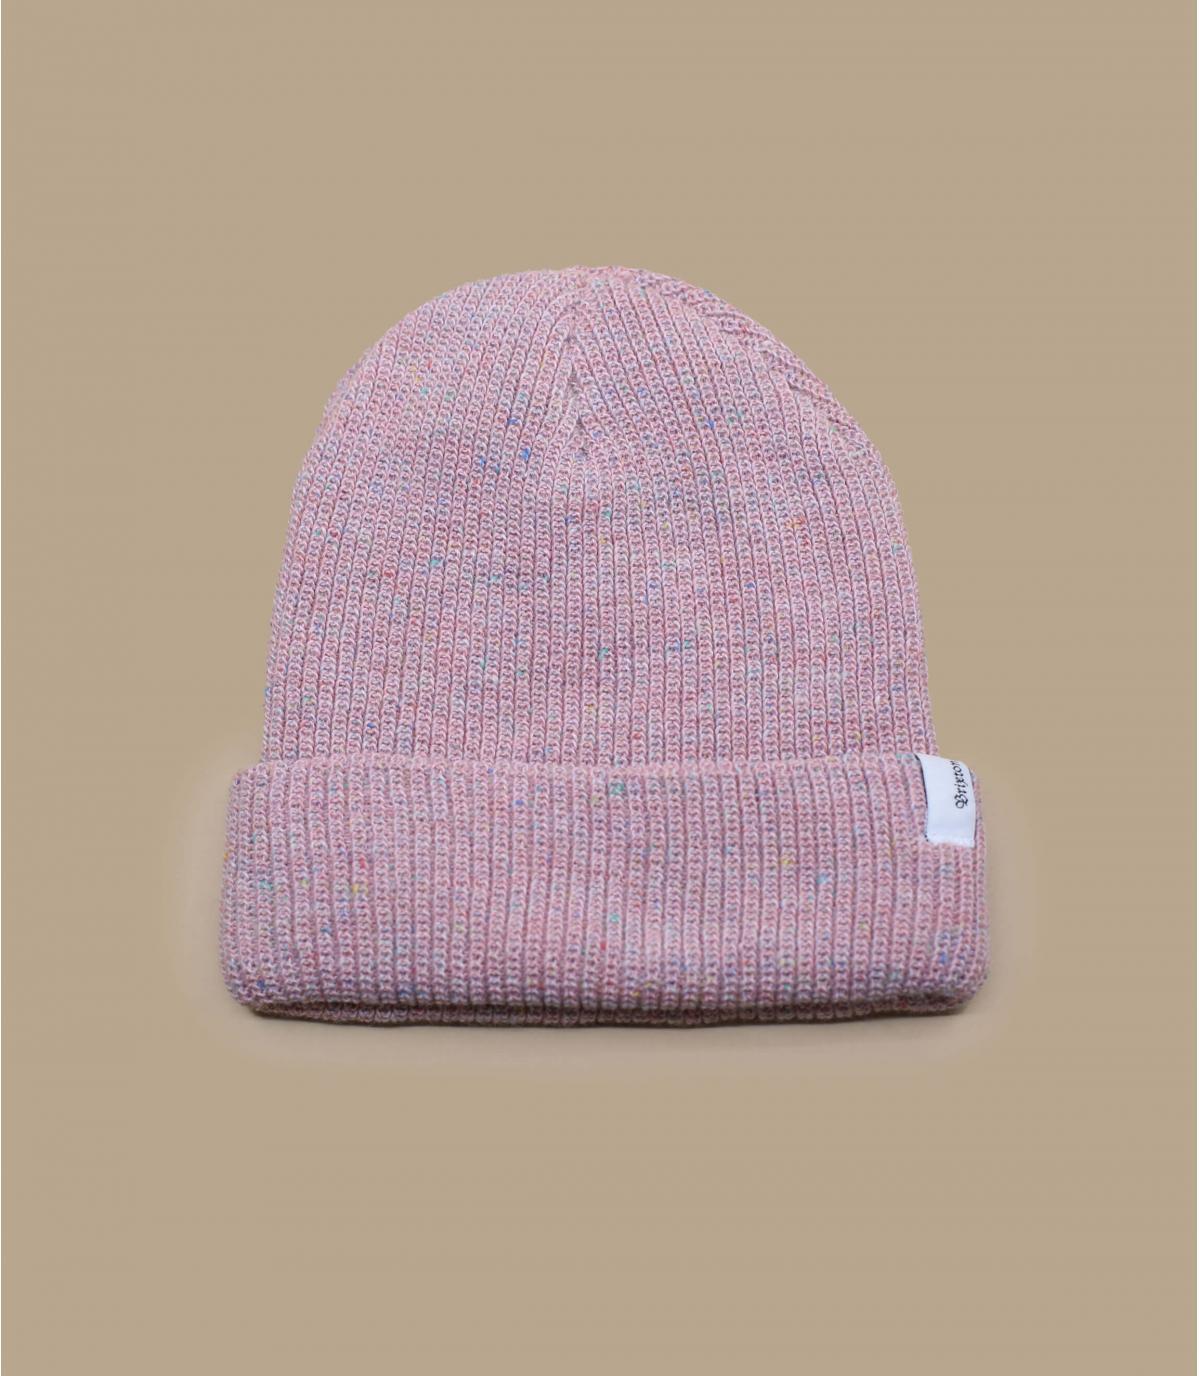 Brixton pink beanie